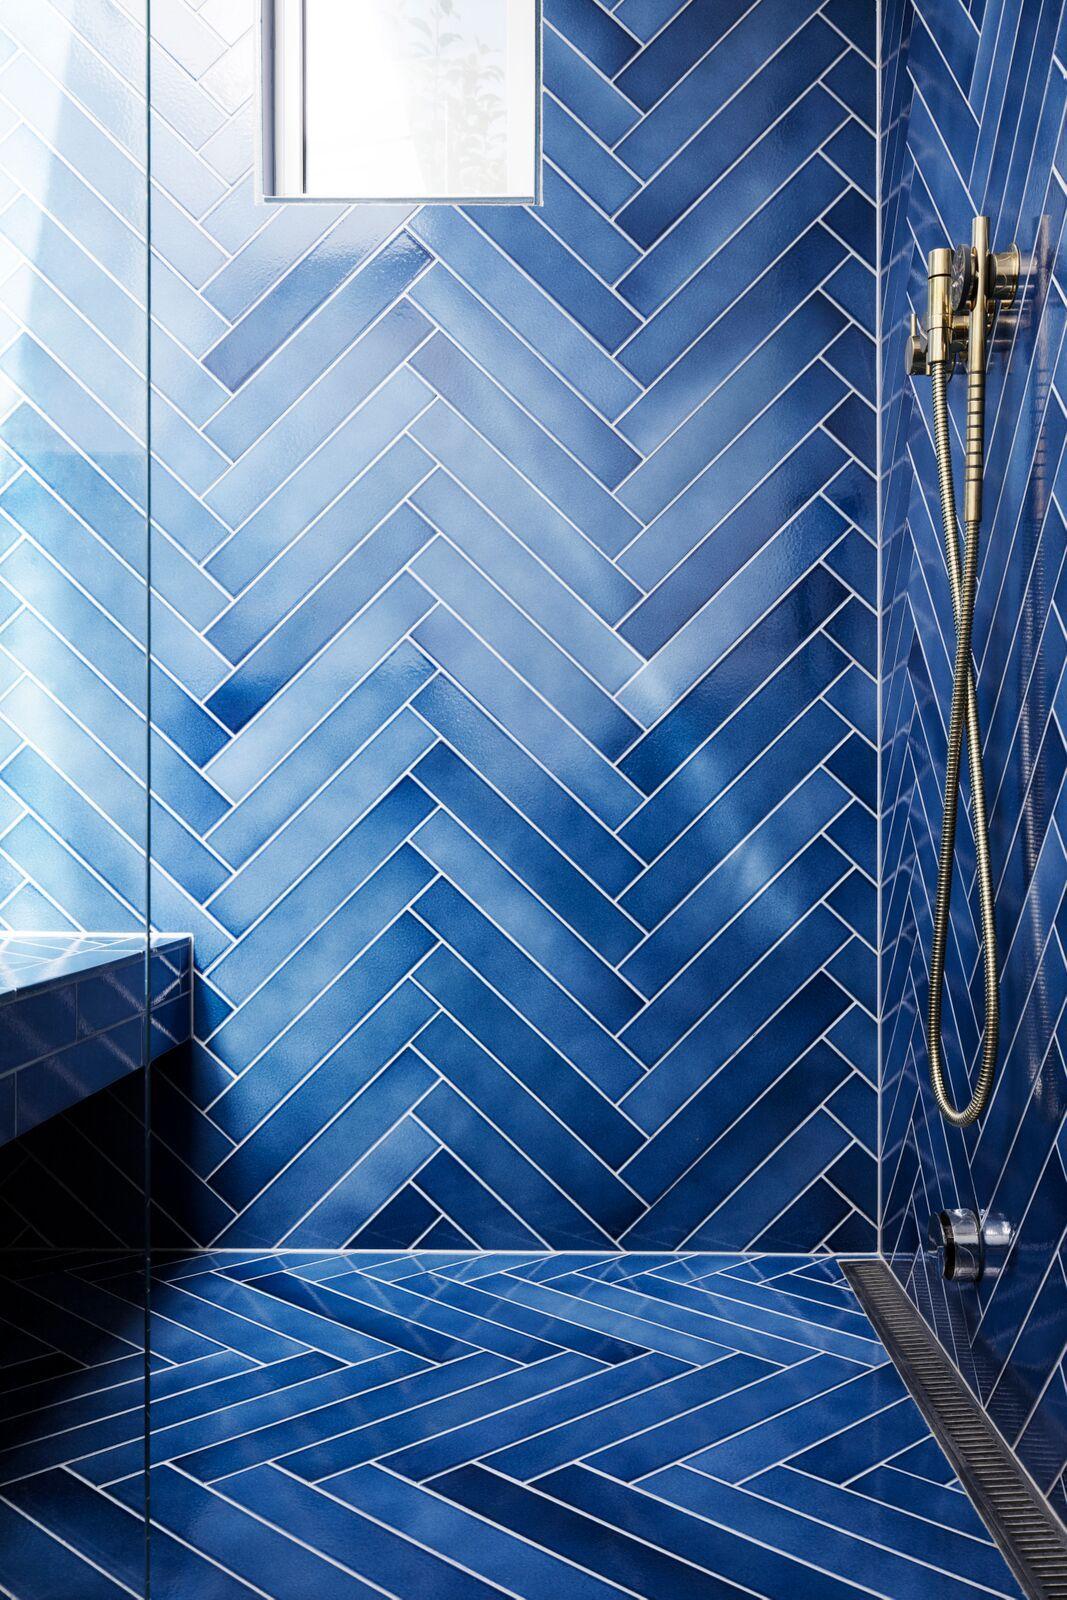 Cristalli Small Bathroom Decor Blue Bathroom Tile Bathroom